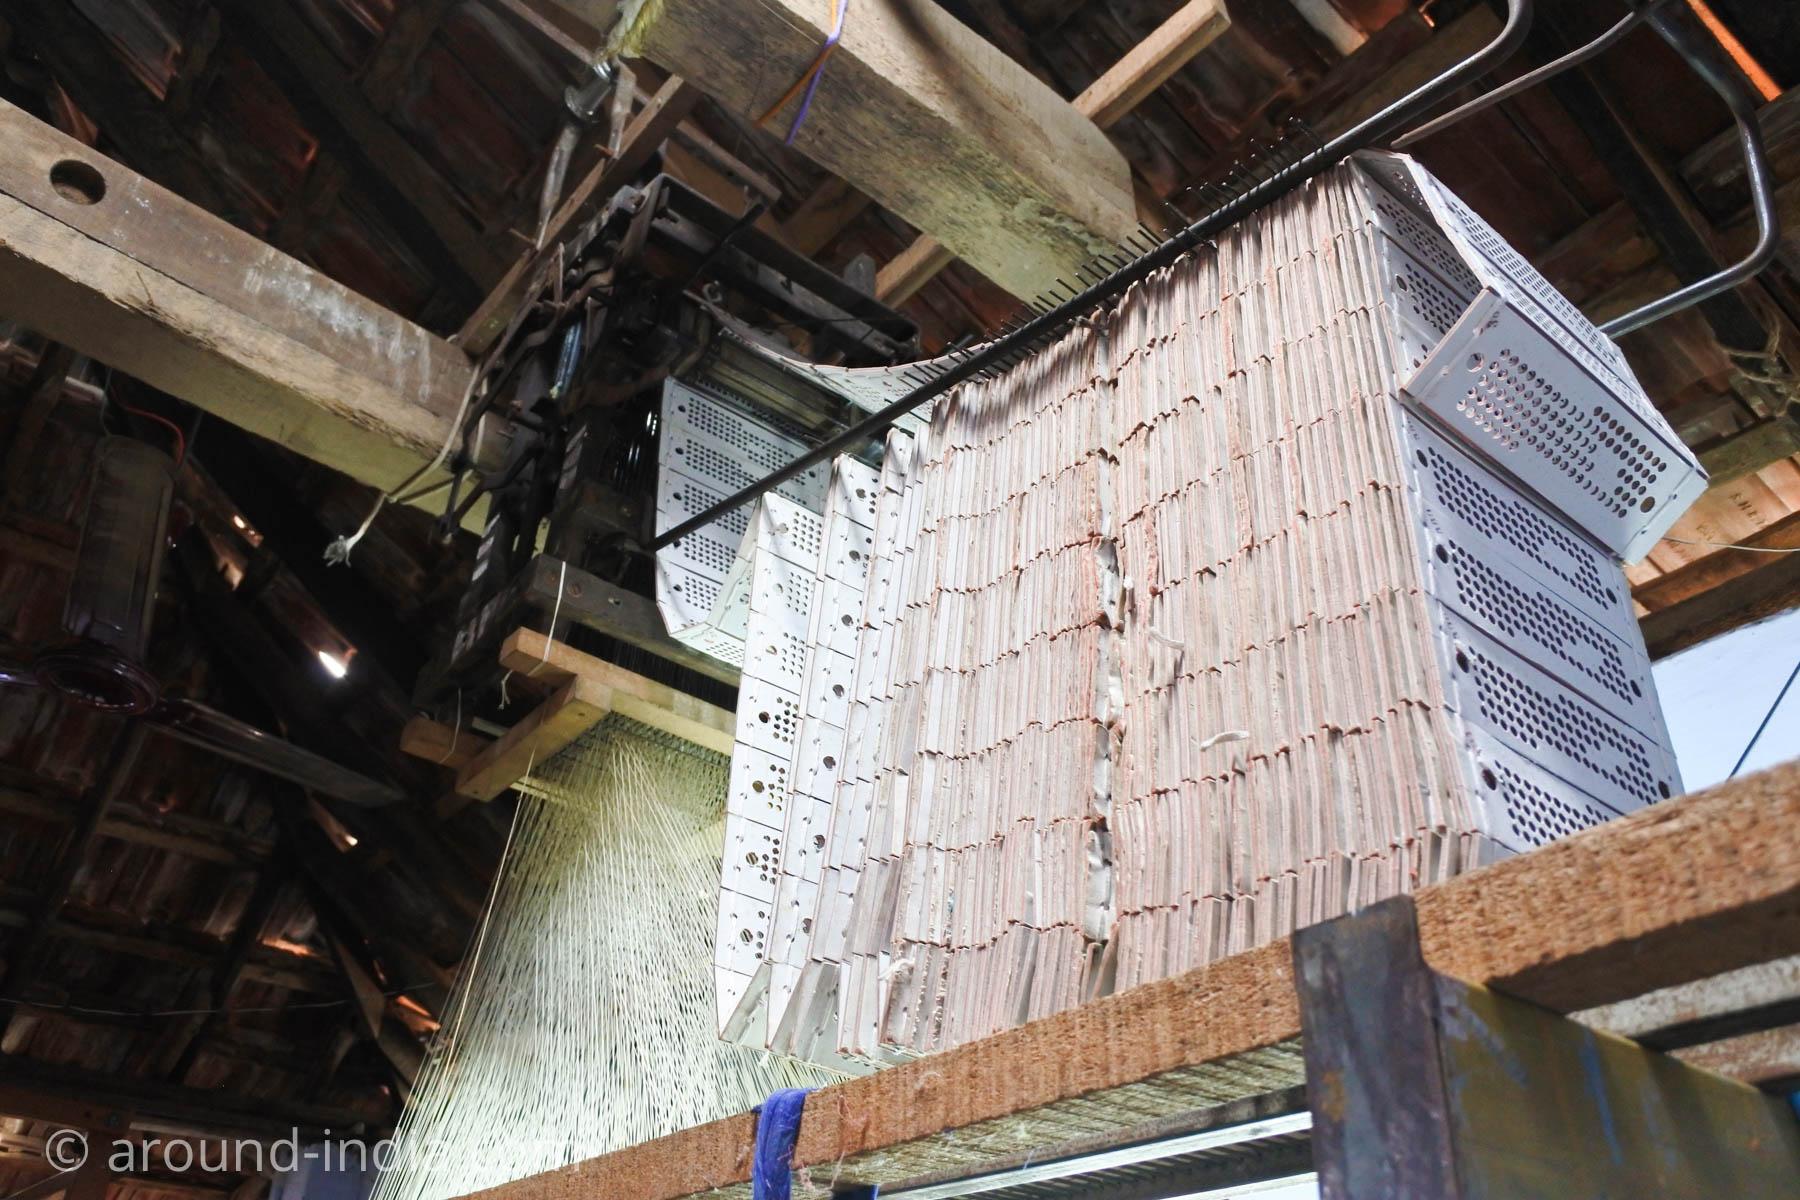 ケララ州パラッカドの織物工房 柄のパターン